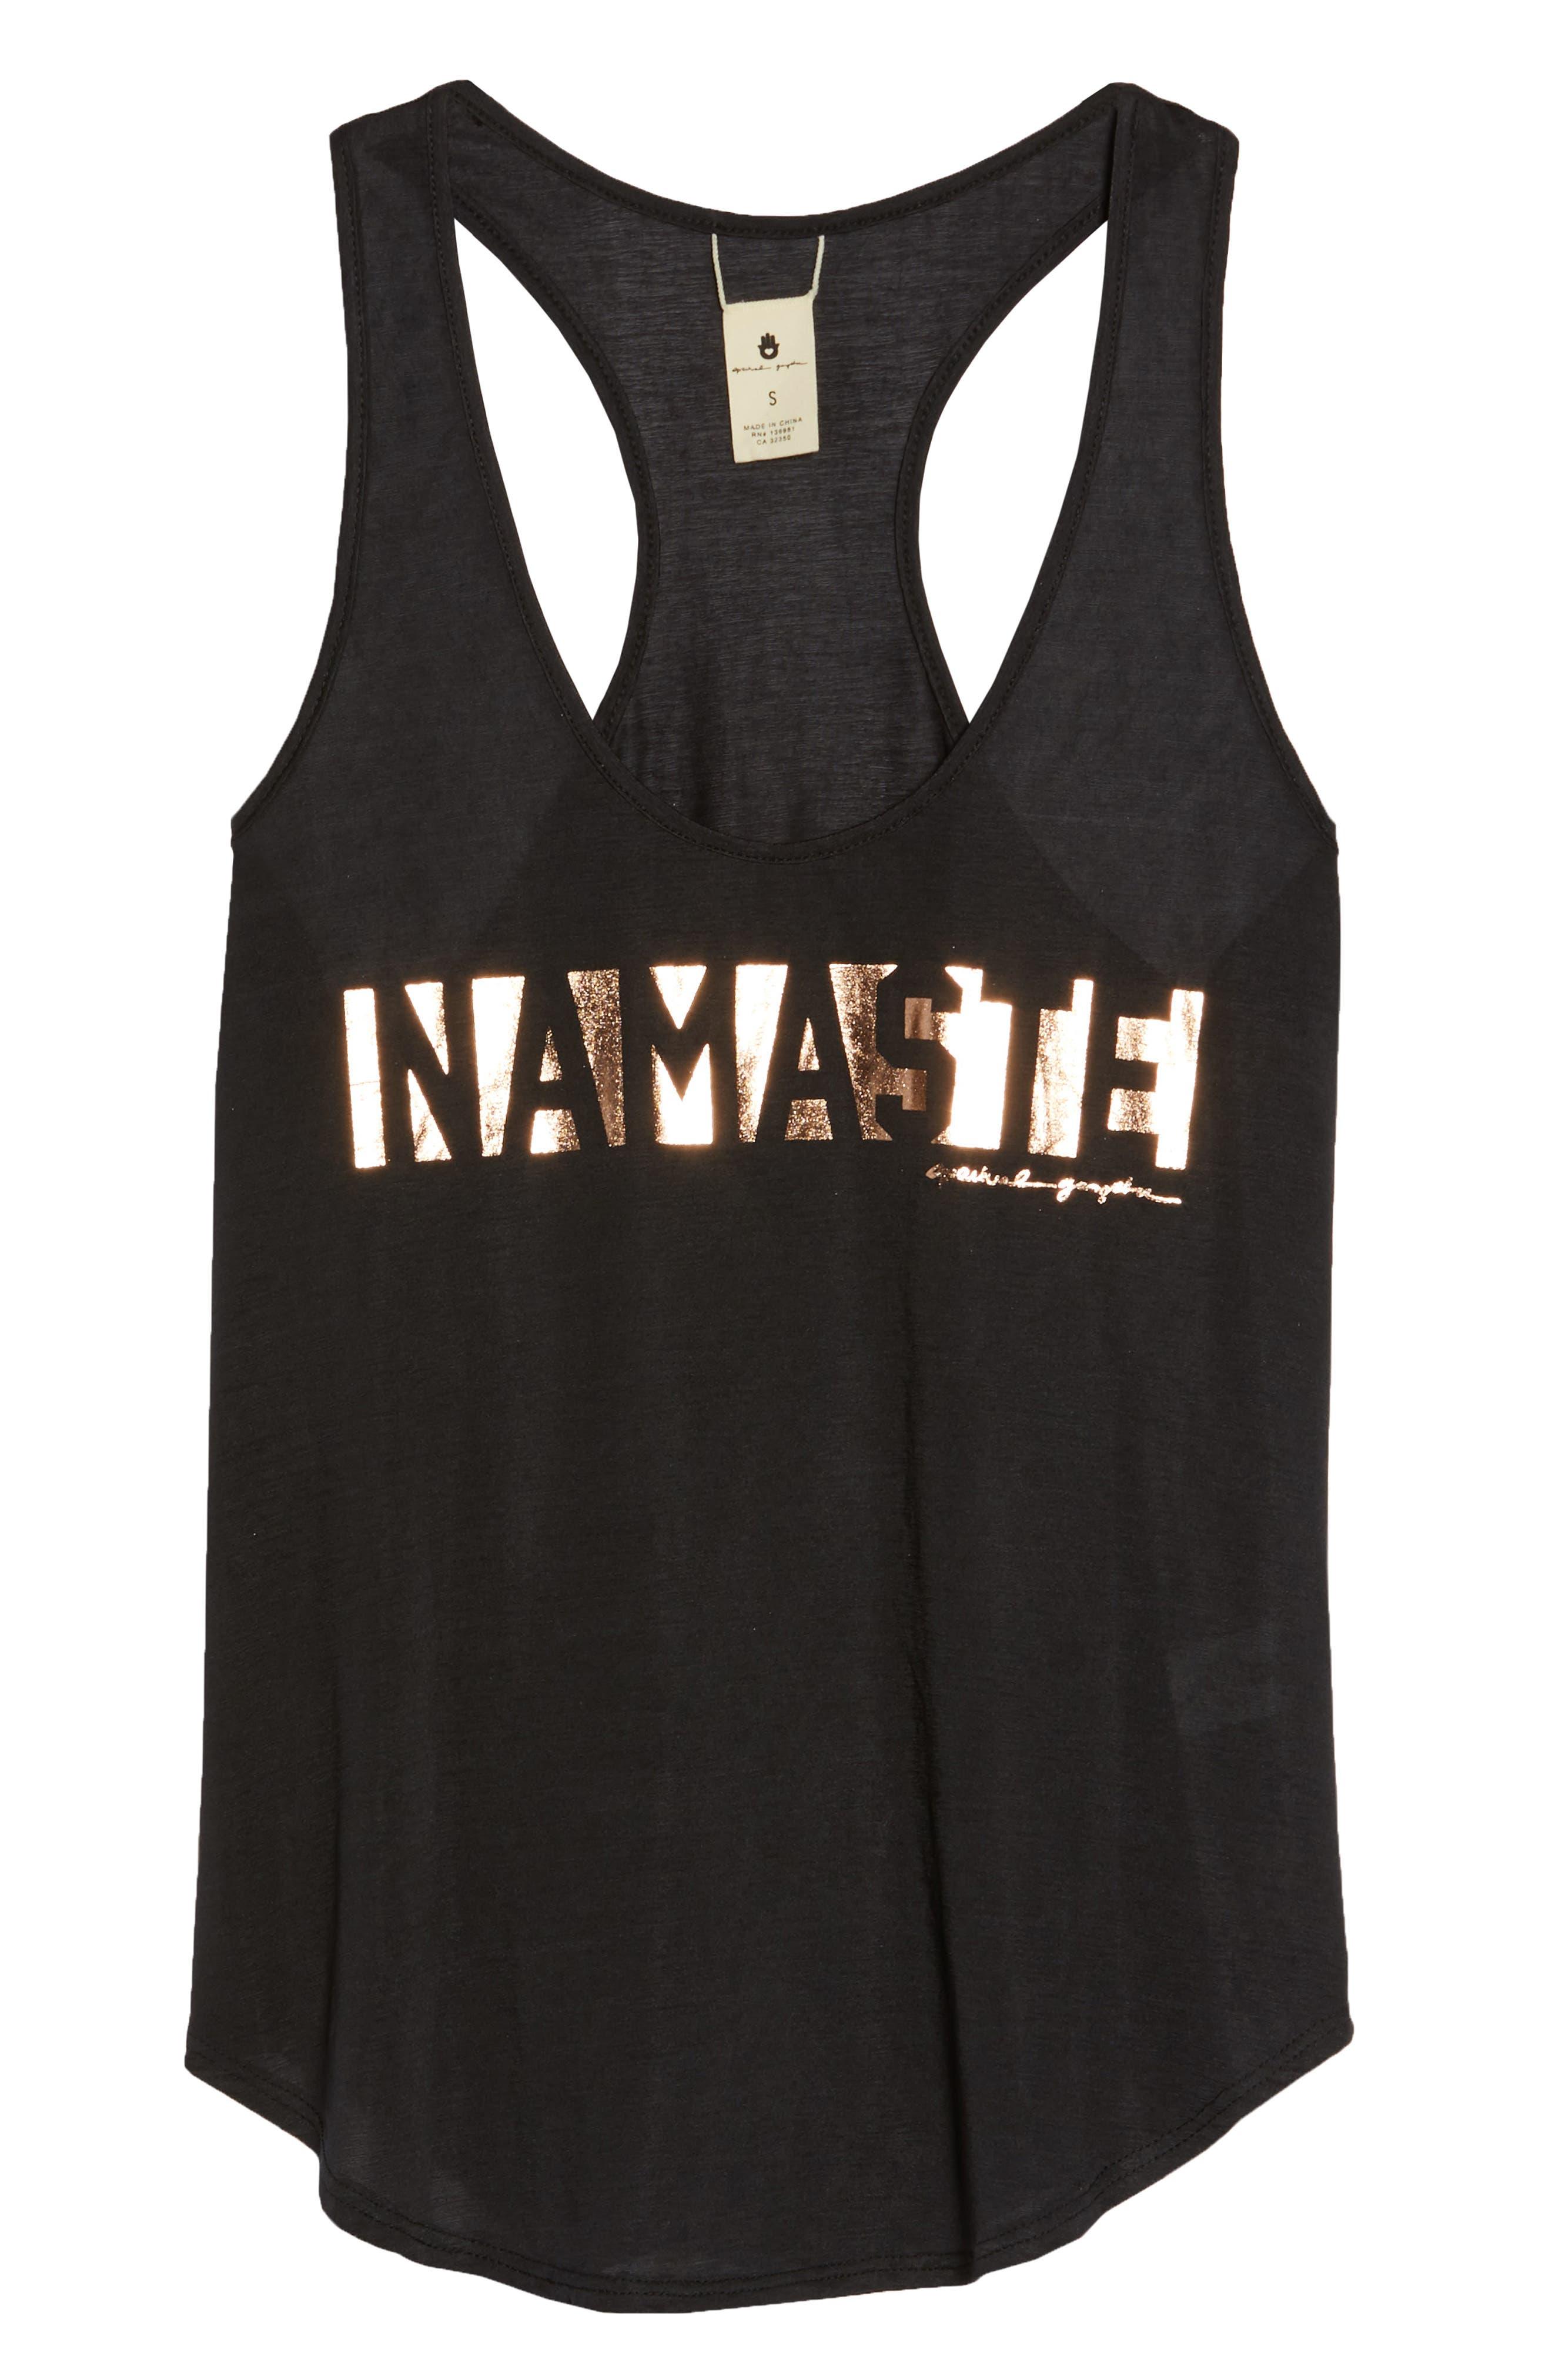 Namaste Racerback Tank,                             Alternate thumbnail 7, color,                             BLACK